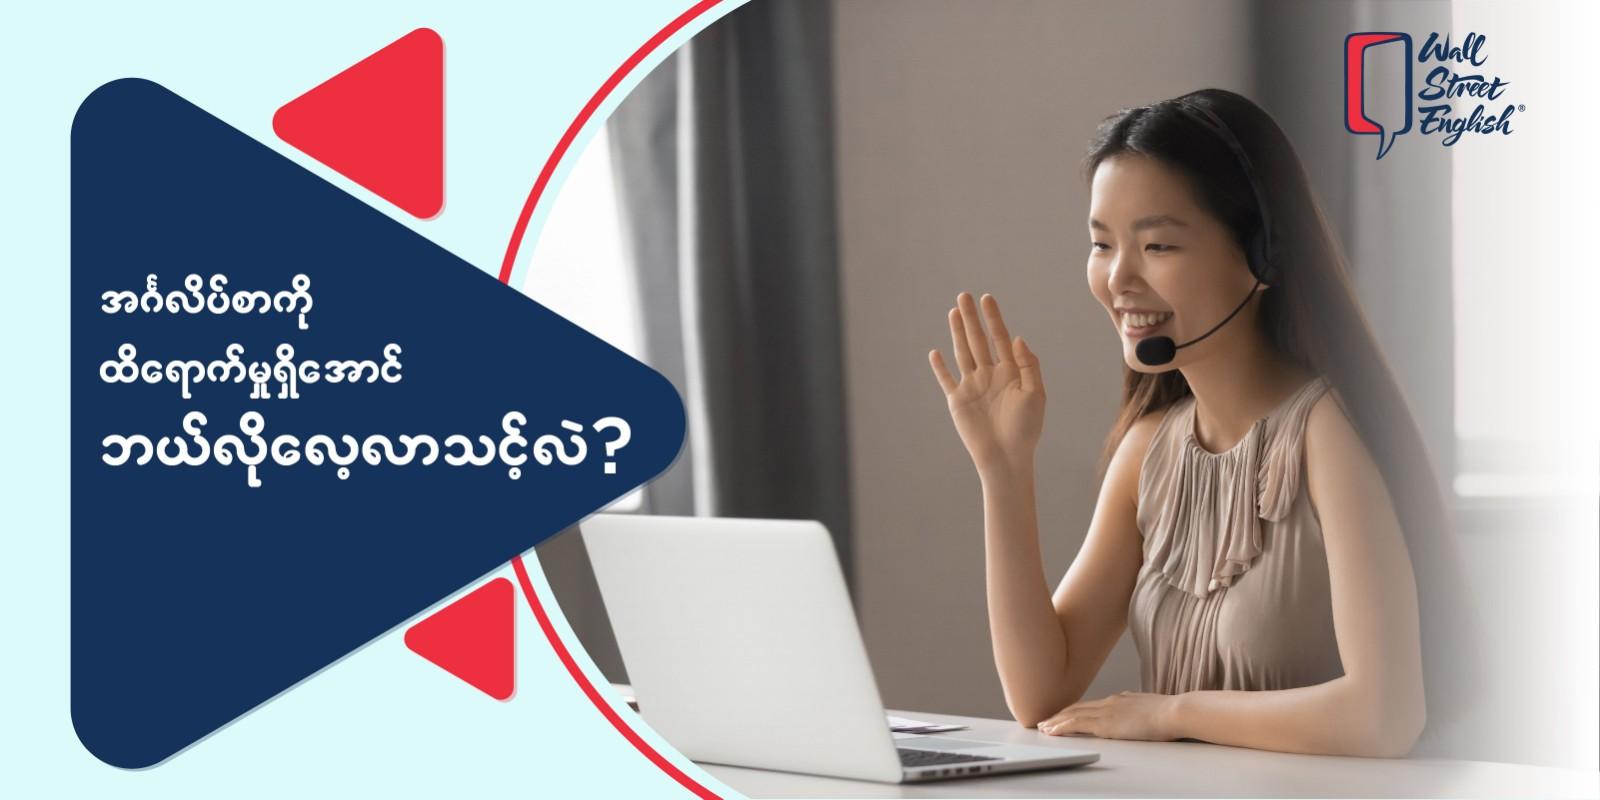 အင်္ဂလိပ်စာကိုထိရောက်မှုရှိအောင် ဘယ်လိုလေ့လာသင့်လဲ?